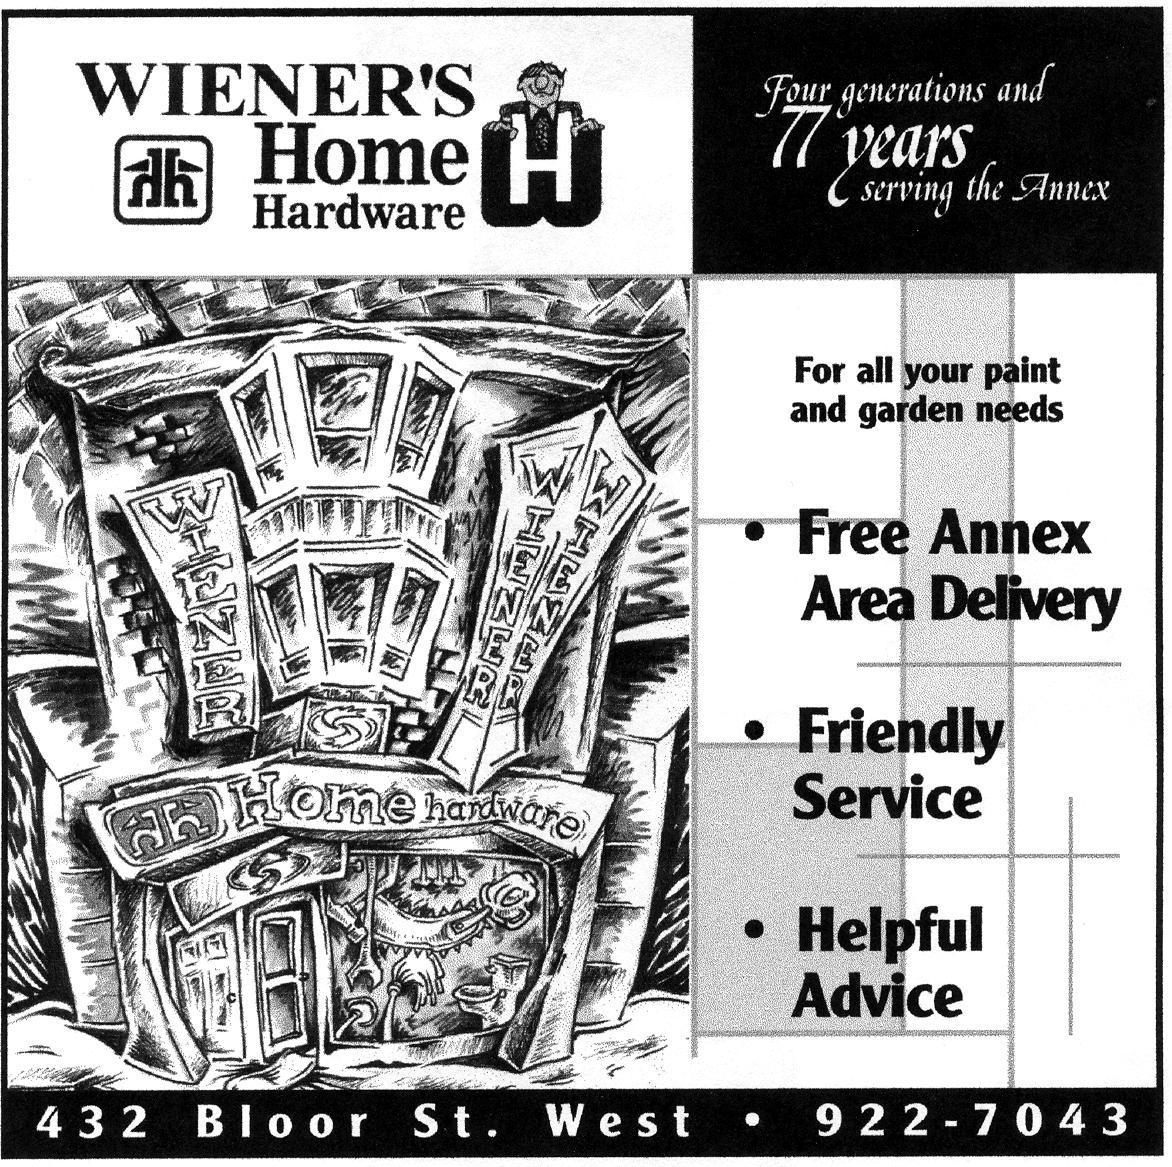 Wiener's Home Hardware